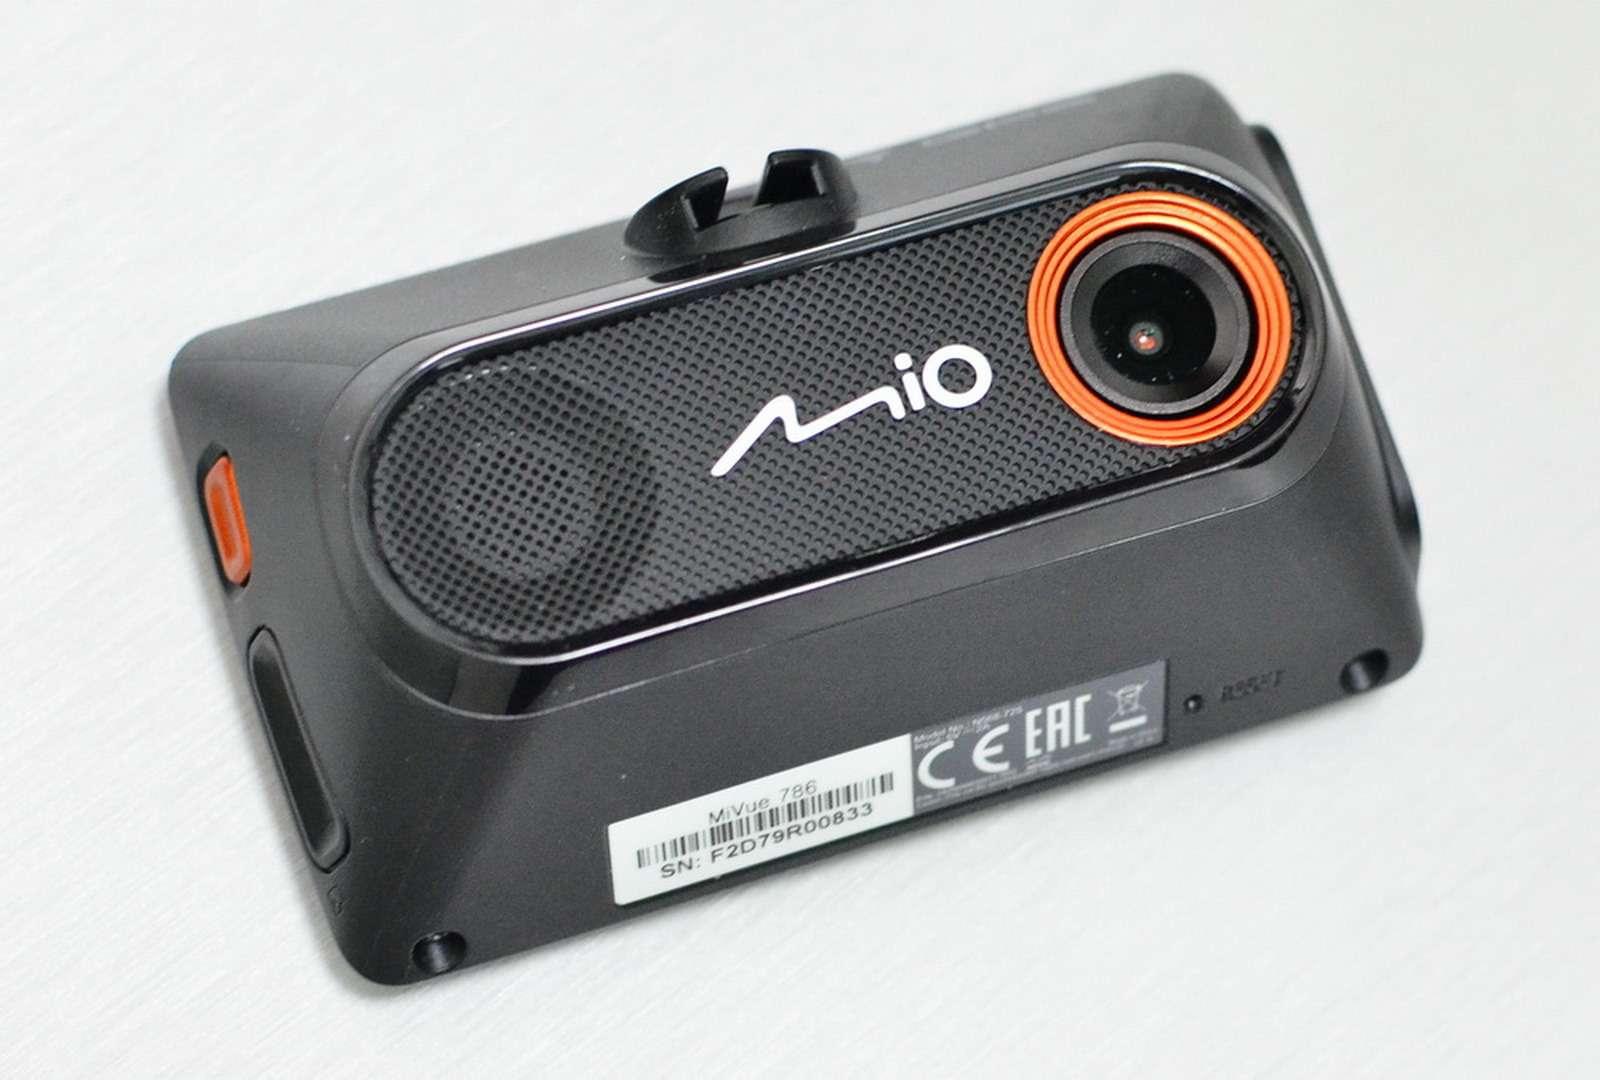 Видеорегистраторы вмороз: как умирают аккумуляторы? Спецтест— фото 854266